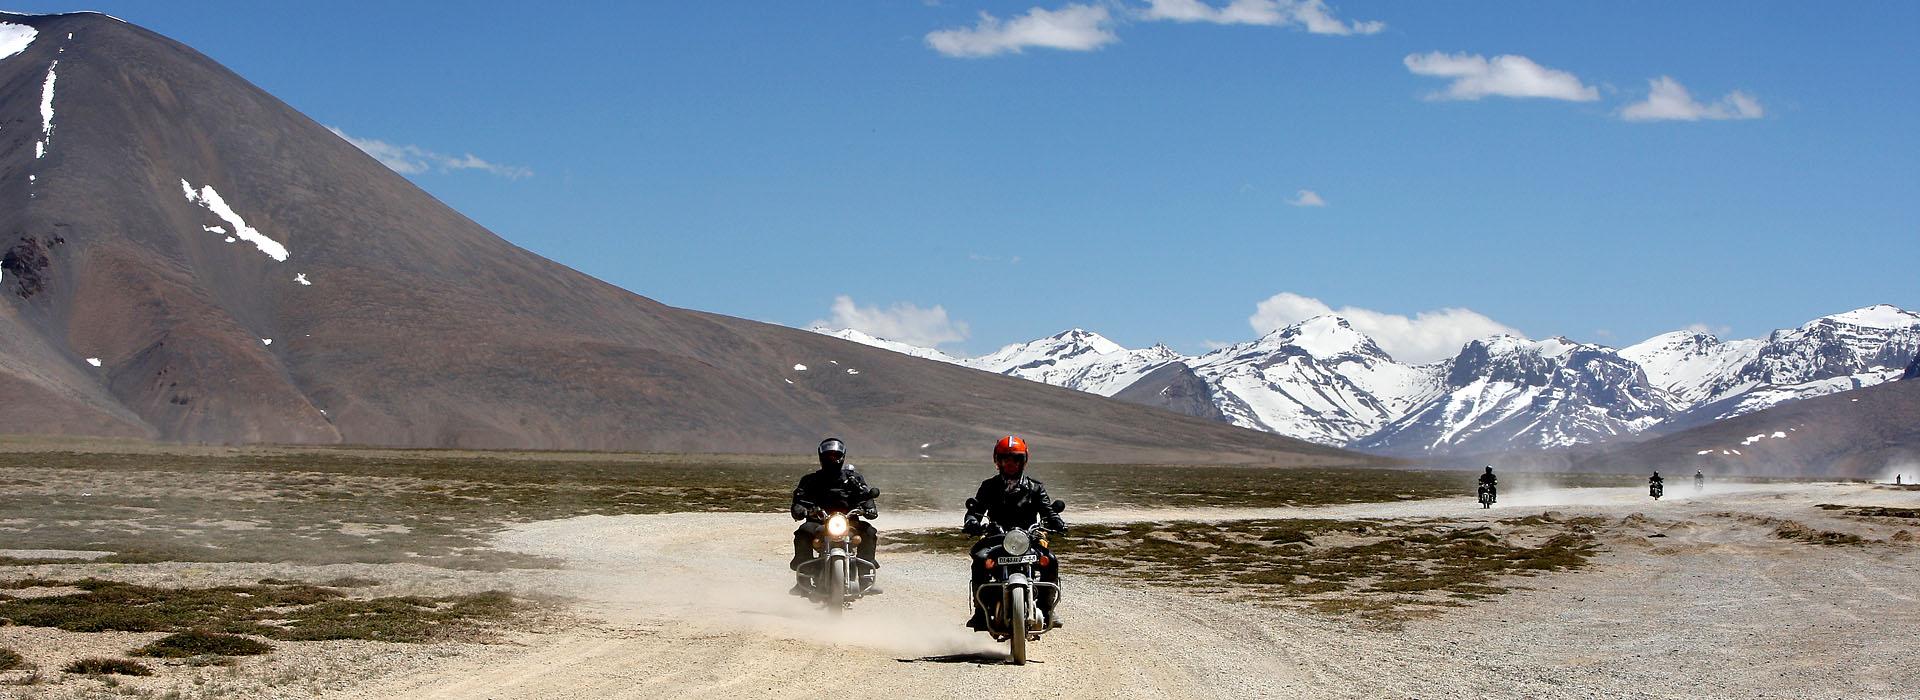 Motorreis door de Himalaya op een Royal Enfield motor